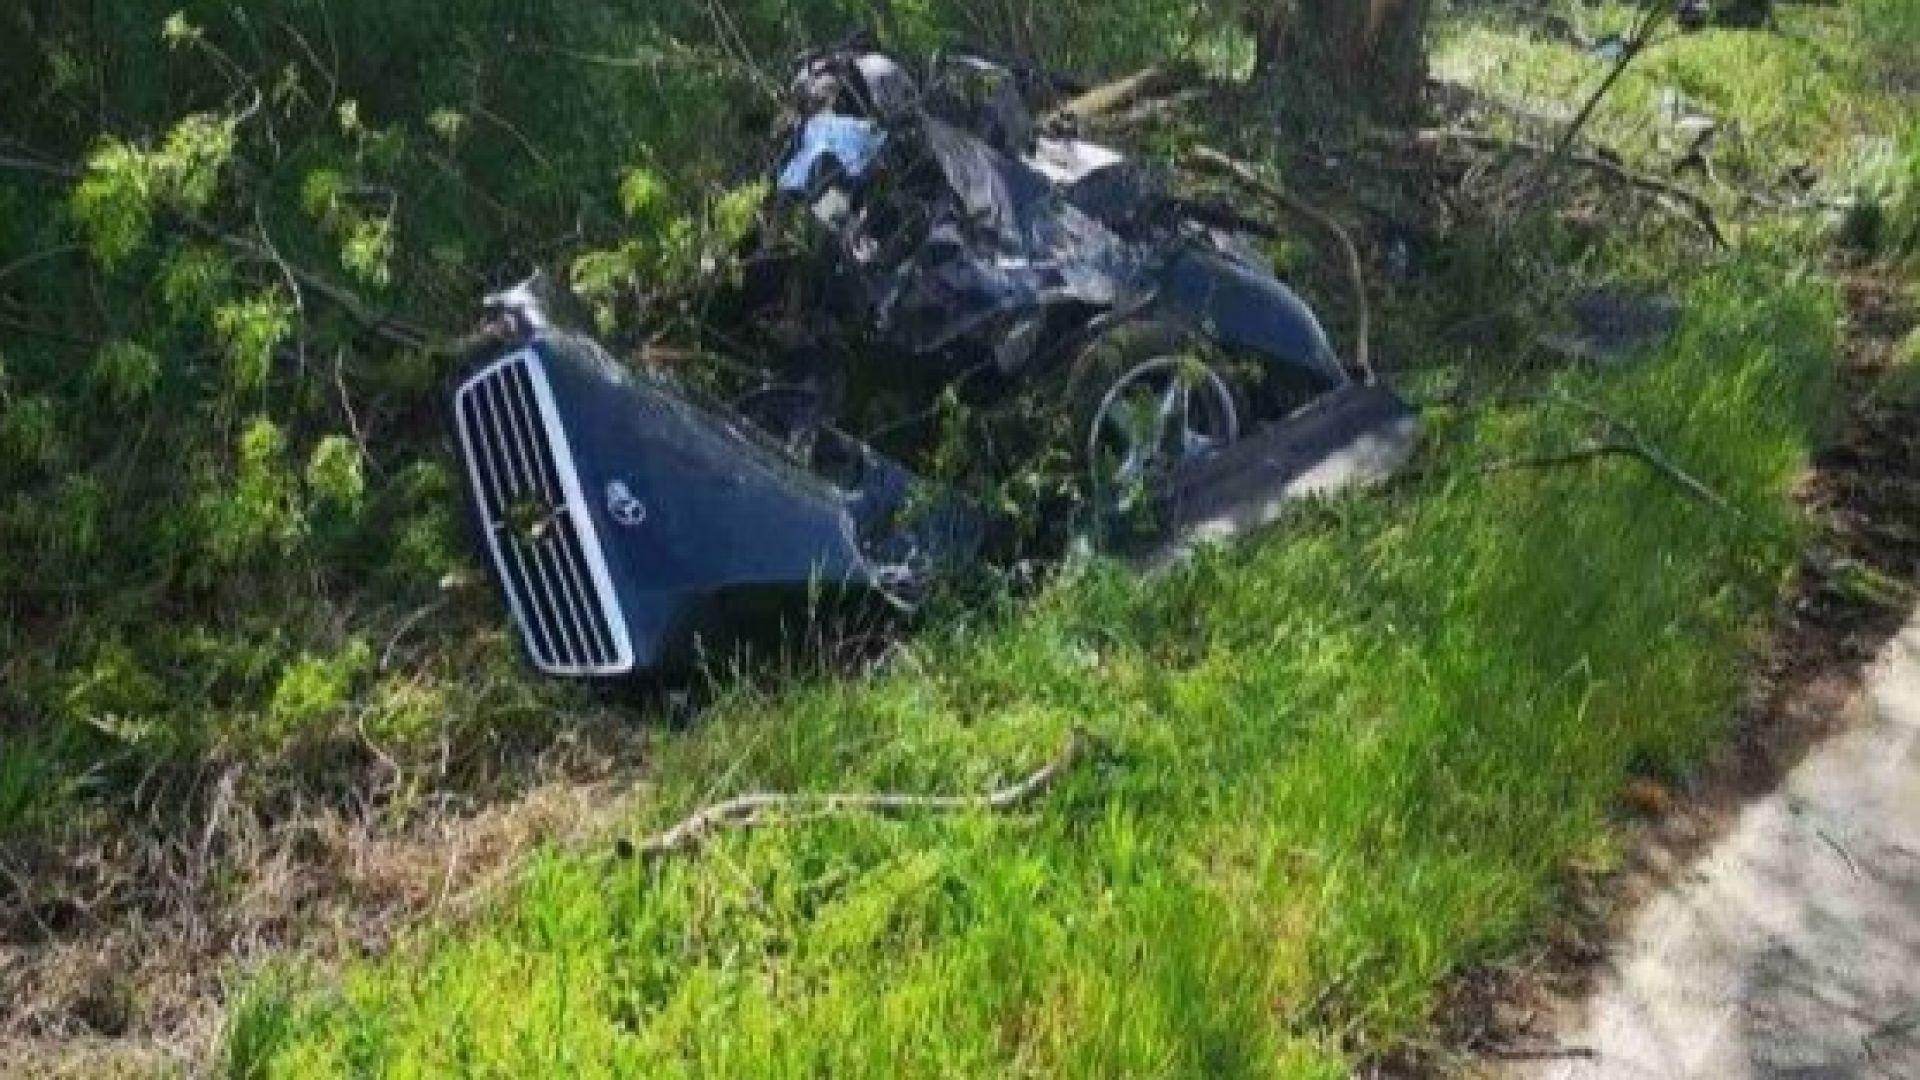 Млад шофьор с мерцедес загина след брутален удар в дърво